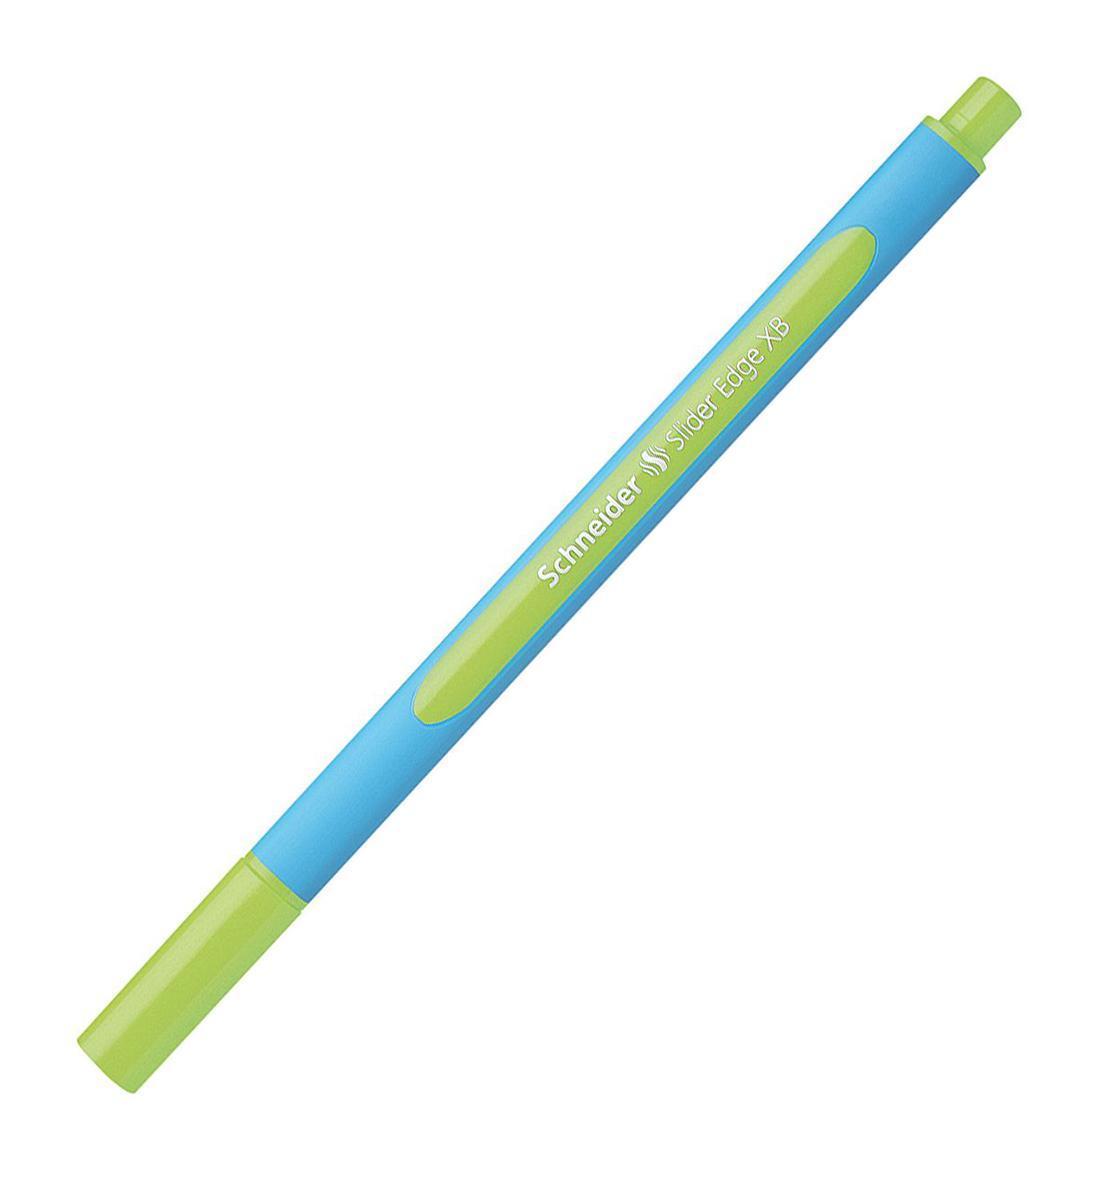 Ручка шариковая Slider Edge, XB - 1,0 мм, светло-зелёный цвет чернил.S152211 S1522-01/11